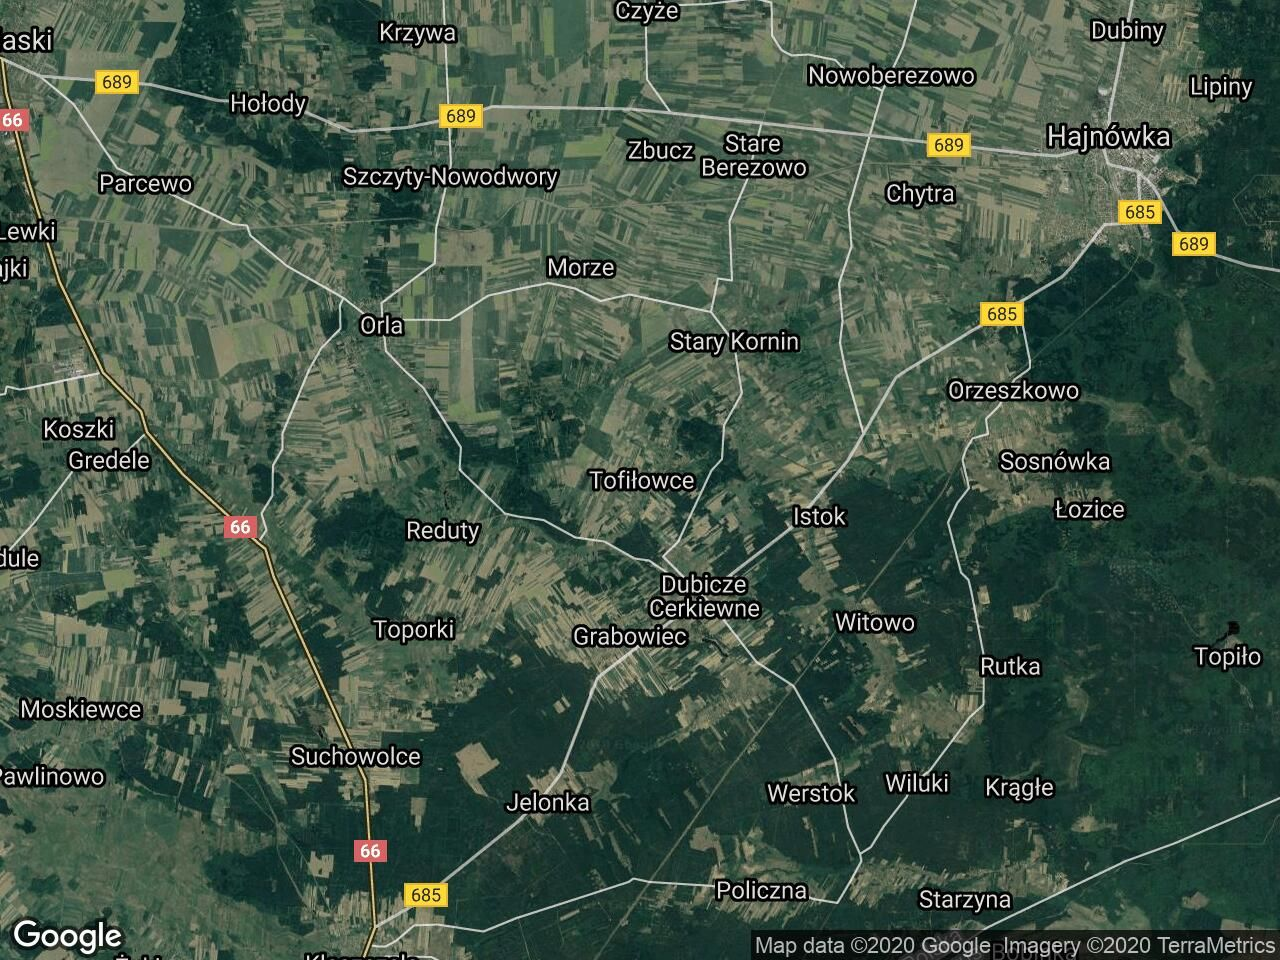 Działka rolno-budowlana Tofiłowce